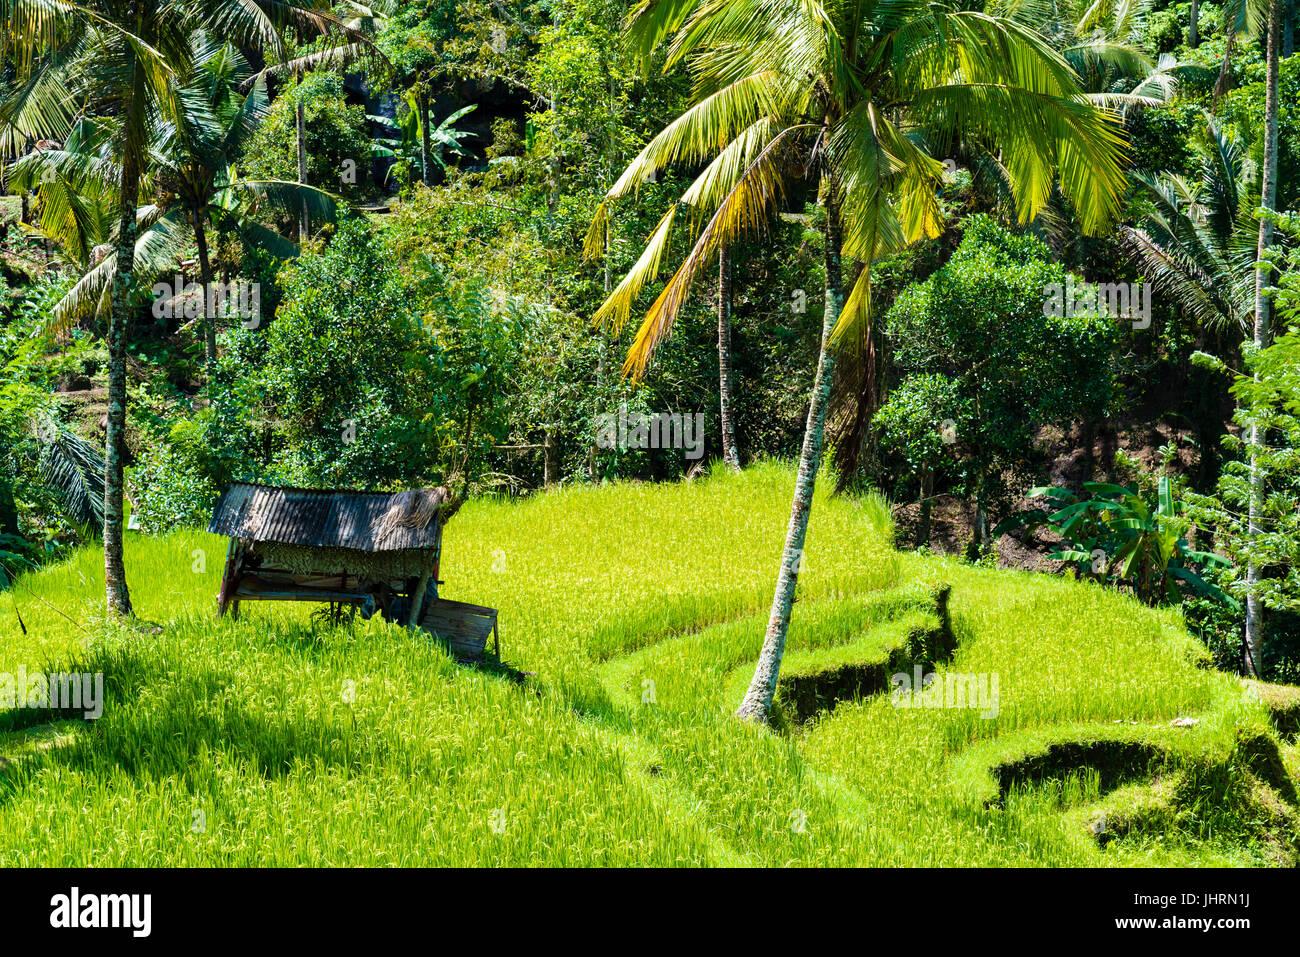 Blick auf Terrasse Reisfelder und Kokospalmen in Asien Stockfoto